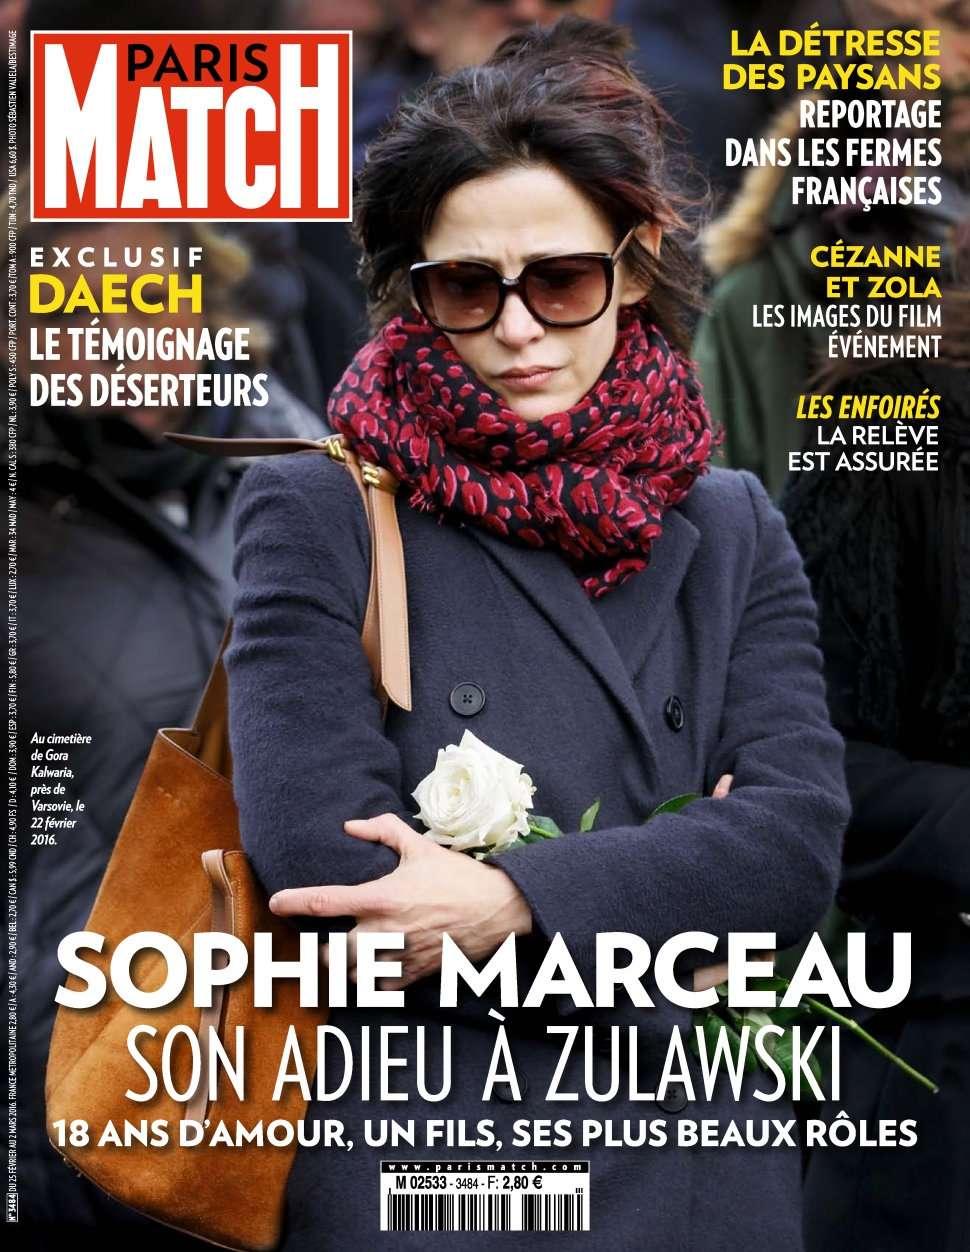 Paris Match 3484 - 25 Février au 2 Mars 2016